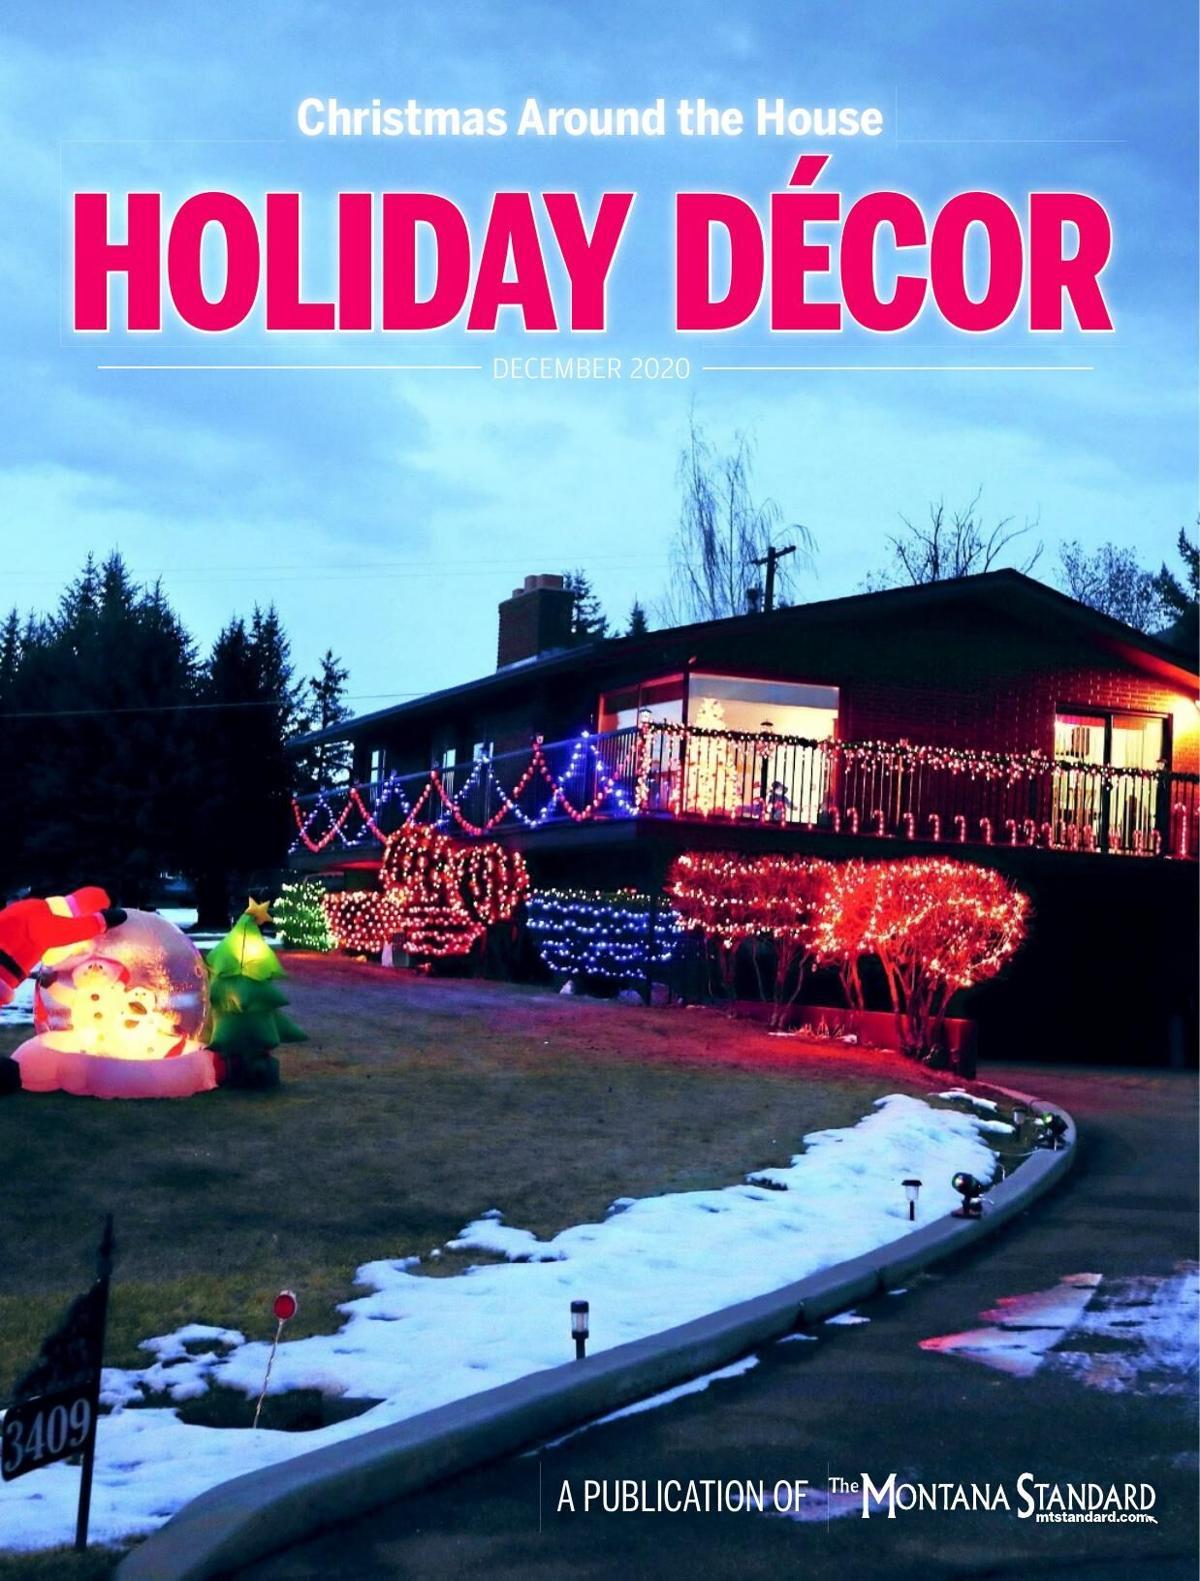 Holiday Decor 2020